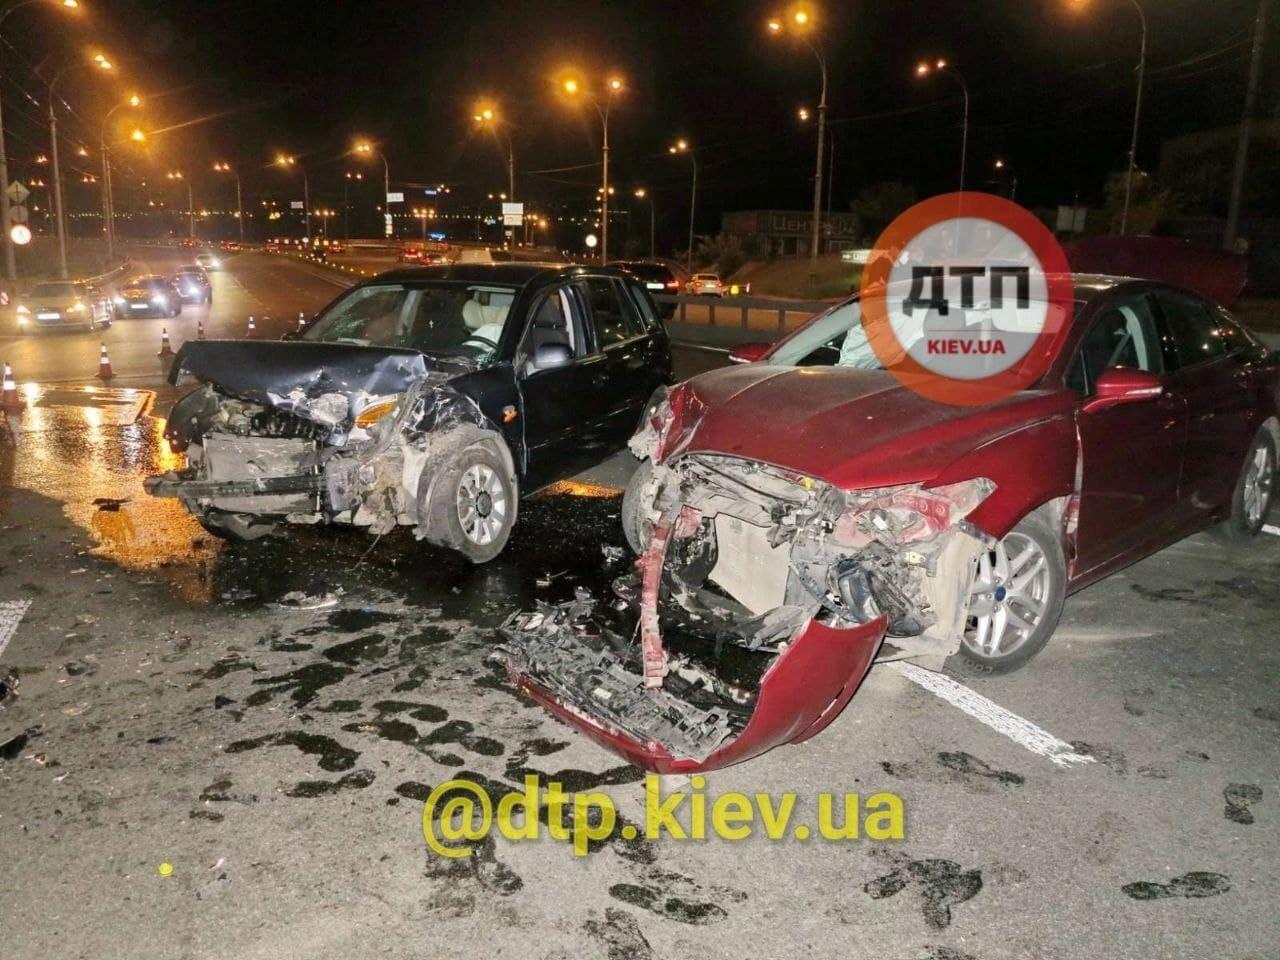 На місці аварії працювали правоохоронці.